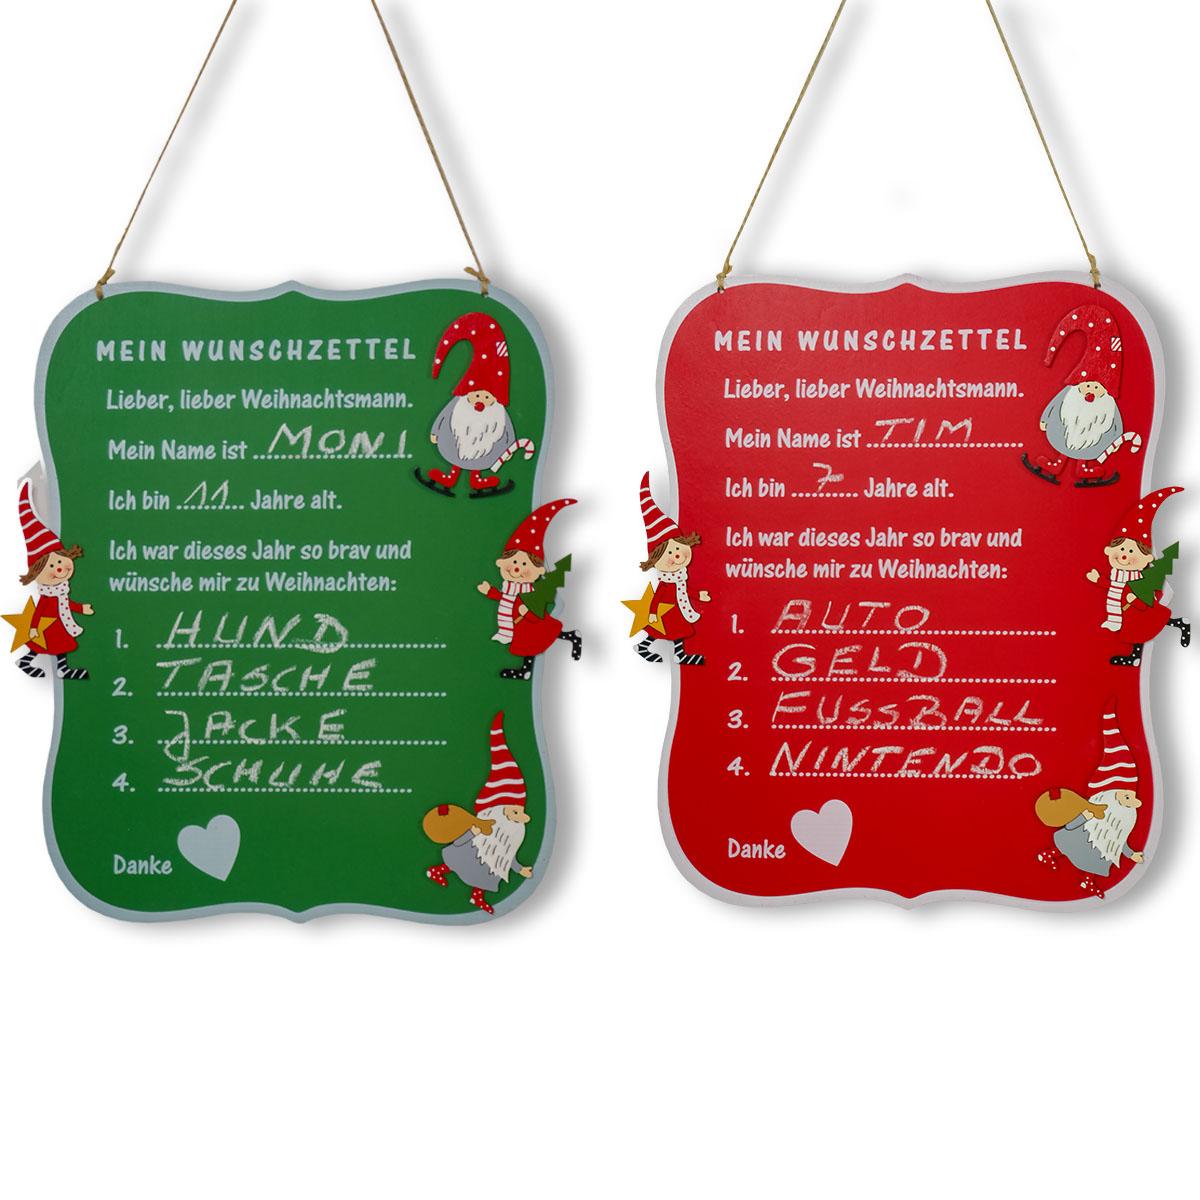 Weihnachts - Wunschtafel aus Holz Image